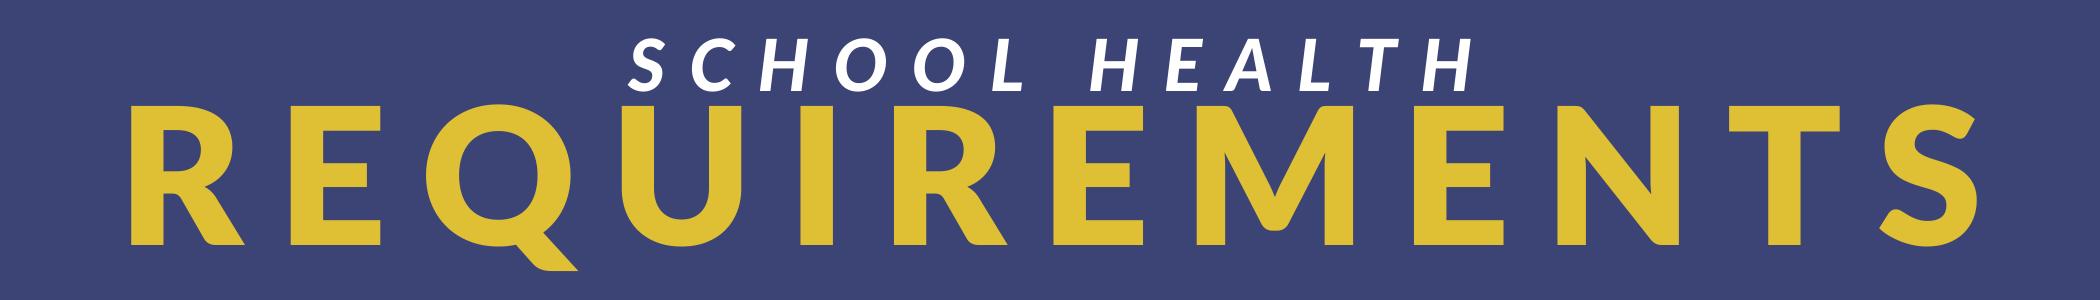 School Health Requirements